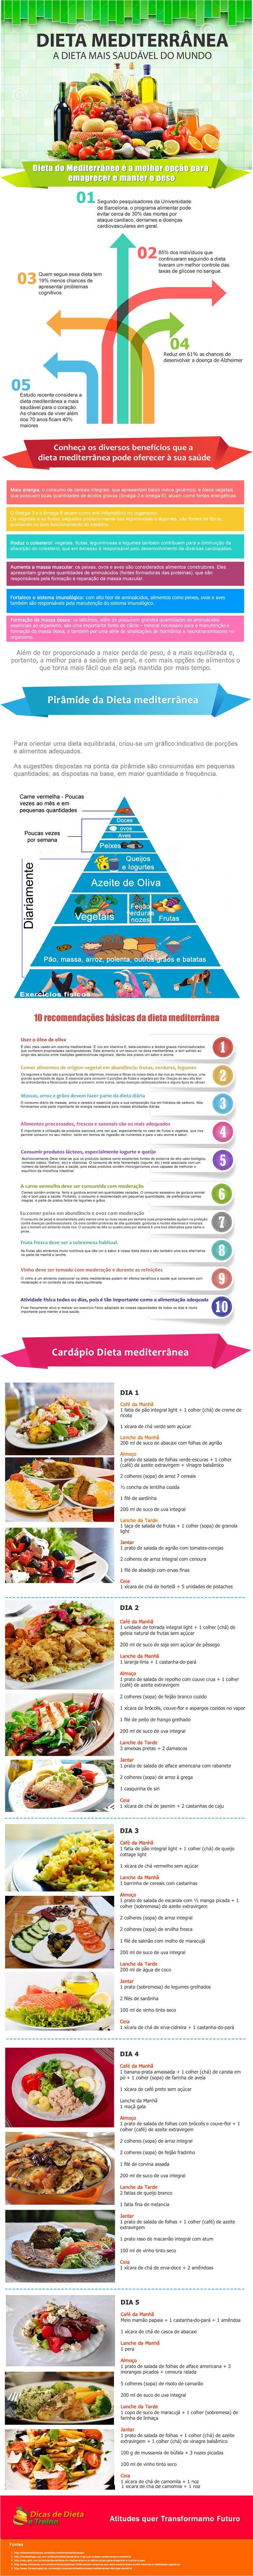 Dieta Mediterrânea: A dieta mais saudável do mundo